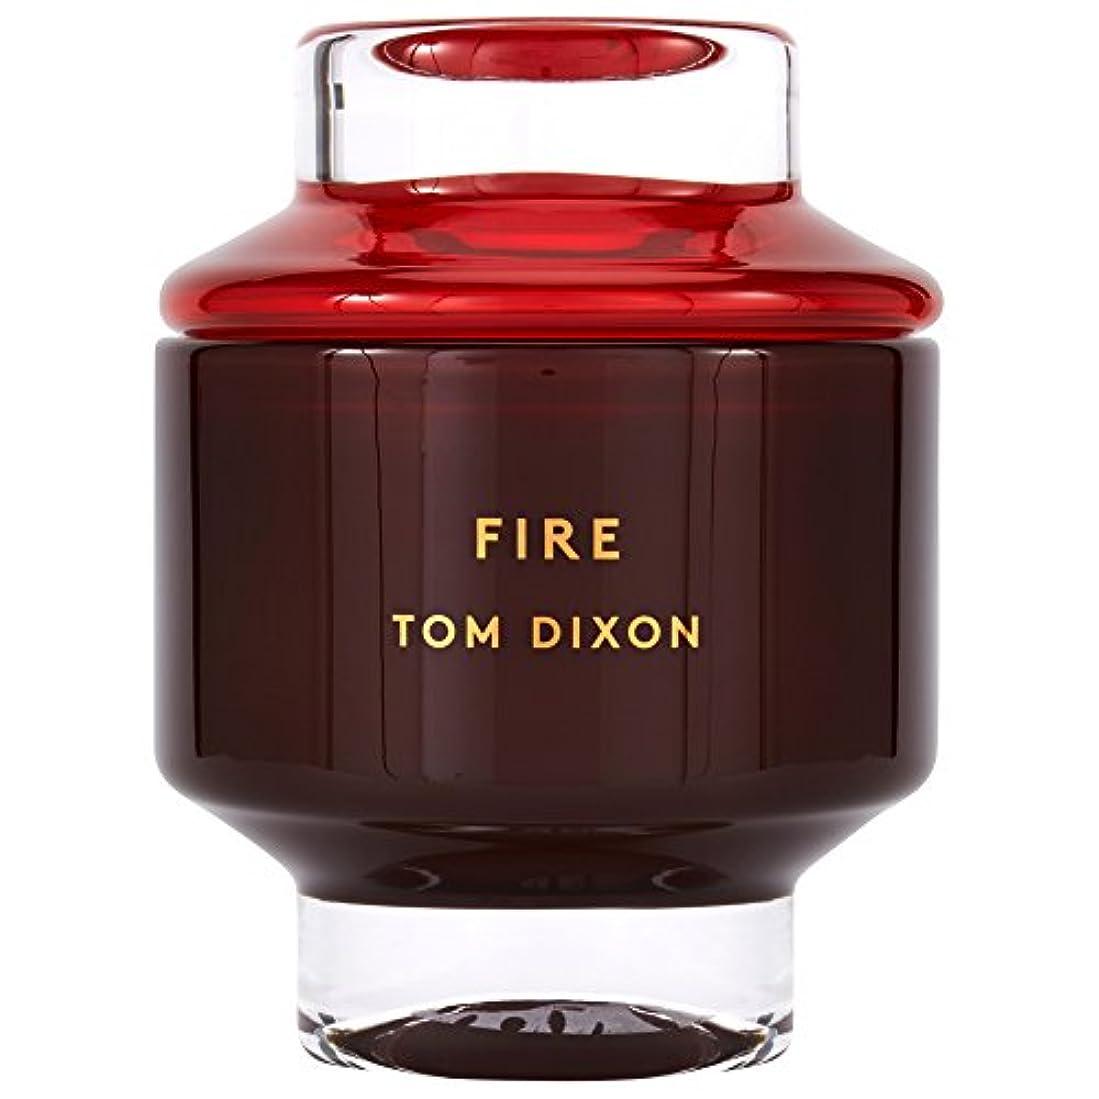 あたたかい台風であることトム?ディクソン火災大型香りのキャンドル x6 - Tom Dixon Fire Scented Candle Large (Pack of 6) [並行輸入品]